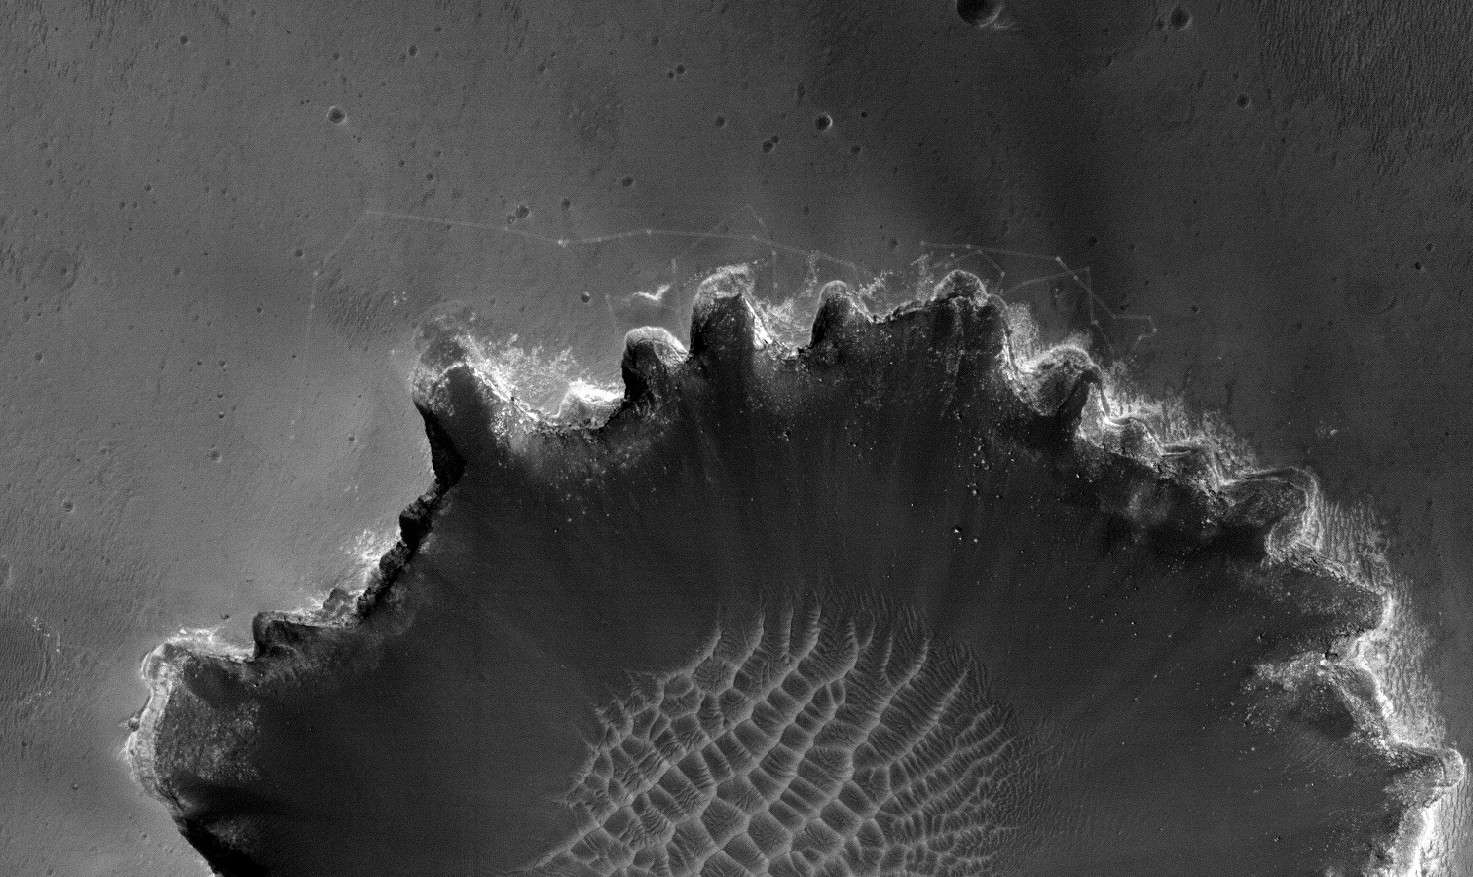 Saisies le 26 juin 2007 par Hirise, la caméra de MRO, les traces du robot Opportunity sur les bords du cratère Victoria mettront peu de temps avant de disparaître sous l'action des vents martiens. © Nasa/JPL/University of Arizona